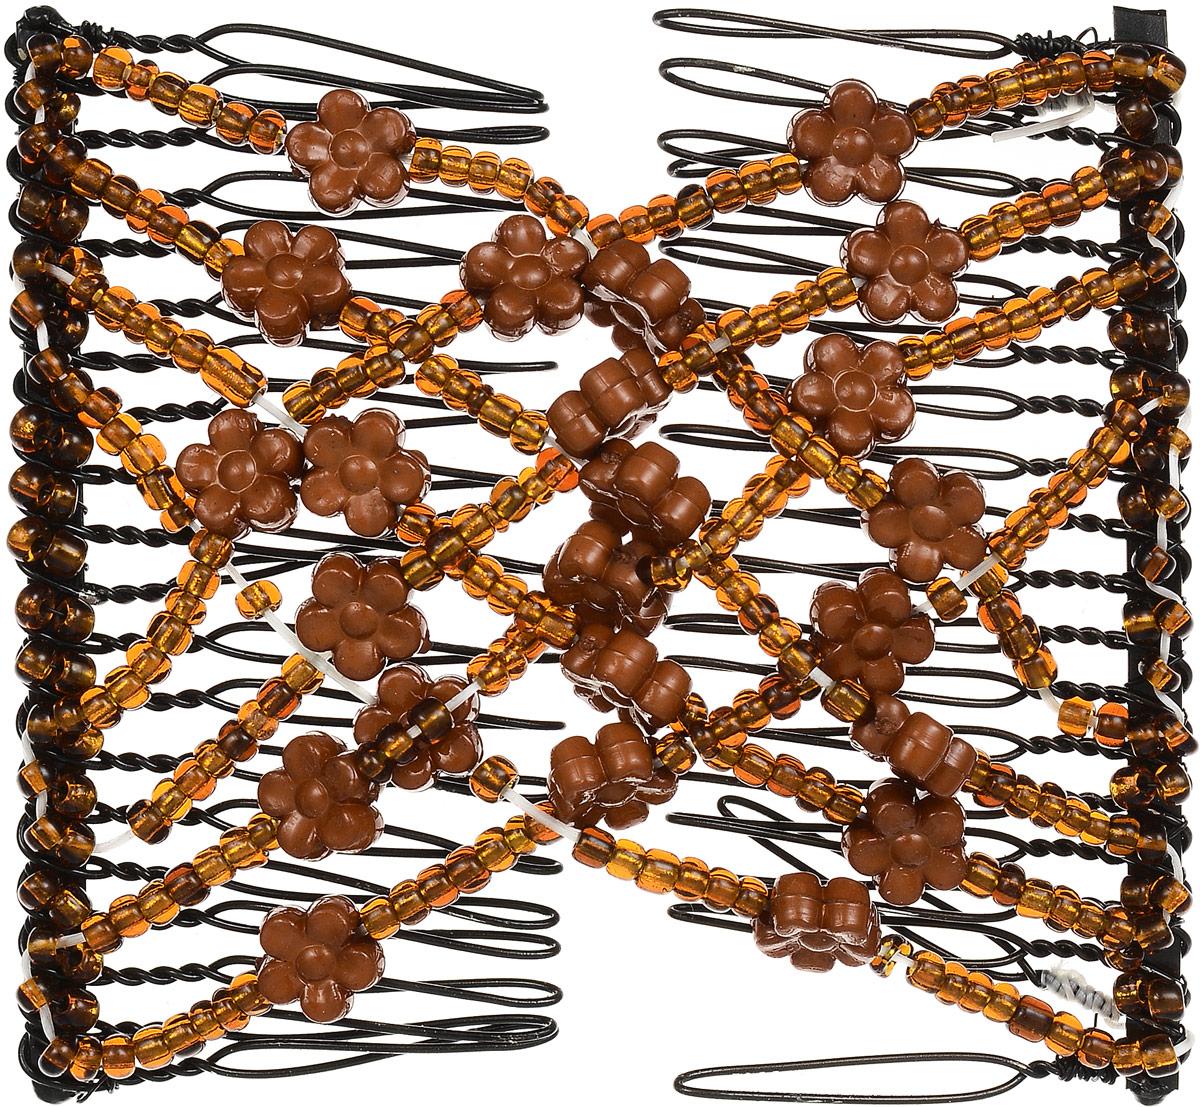 EZ-Combs Заколка Изи-Комбс, одинарная, цвет: коричневый. ЗИО_цветочкиБраслет с подвескамиУдобная и практичная EZ-Combs подходит для любого типа волос: тонких, жестких, вьющихся или прямых, и не наносит им никакого вреда. Заколка не мешает движениям головы и не создает дискомфорта, когда вы отдыхаете или управляете автомобилем. Каждый гребень имеет по 20 зубьев для надежной фиксации заколки на волосах! И даже во время бега и интенсивных тренировок в спортзале EZ-Combs не падает; она прочно фиксирует прическу, сохраняя укладку в первозданном виде.Небольшая и легкая заколка для волос EZ-Combs поместится в любой дамской сумочке, позволяя быстро и без особых усилий создавать неповторимые прически там, где вам это удобно. Гребень прекрасно сочетается с любой одеждой: будь это классический или спортивный стиль, завершая гармоничный облик современной леди. И неважно, какой образ жизни вы ведете, если у вас есть EZ-Combs, вы всегда будете выглядеть потрясающе.